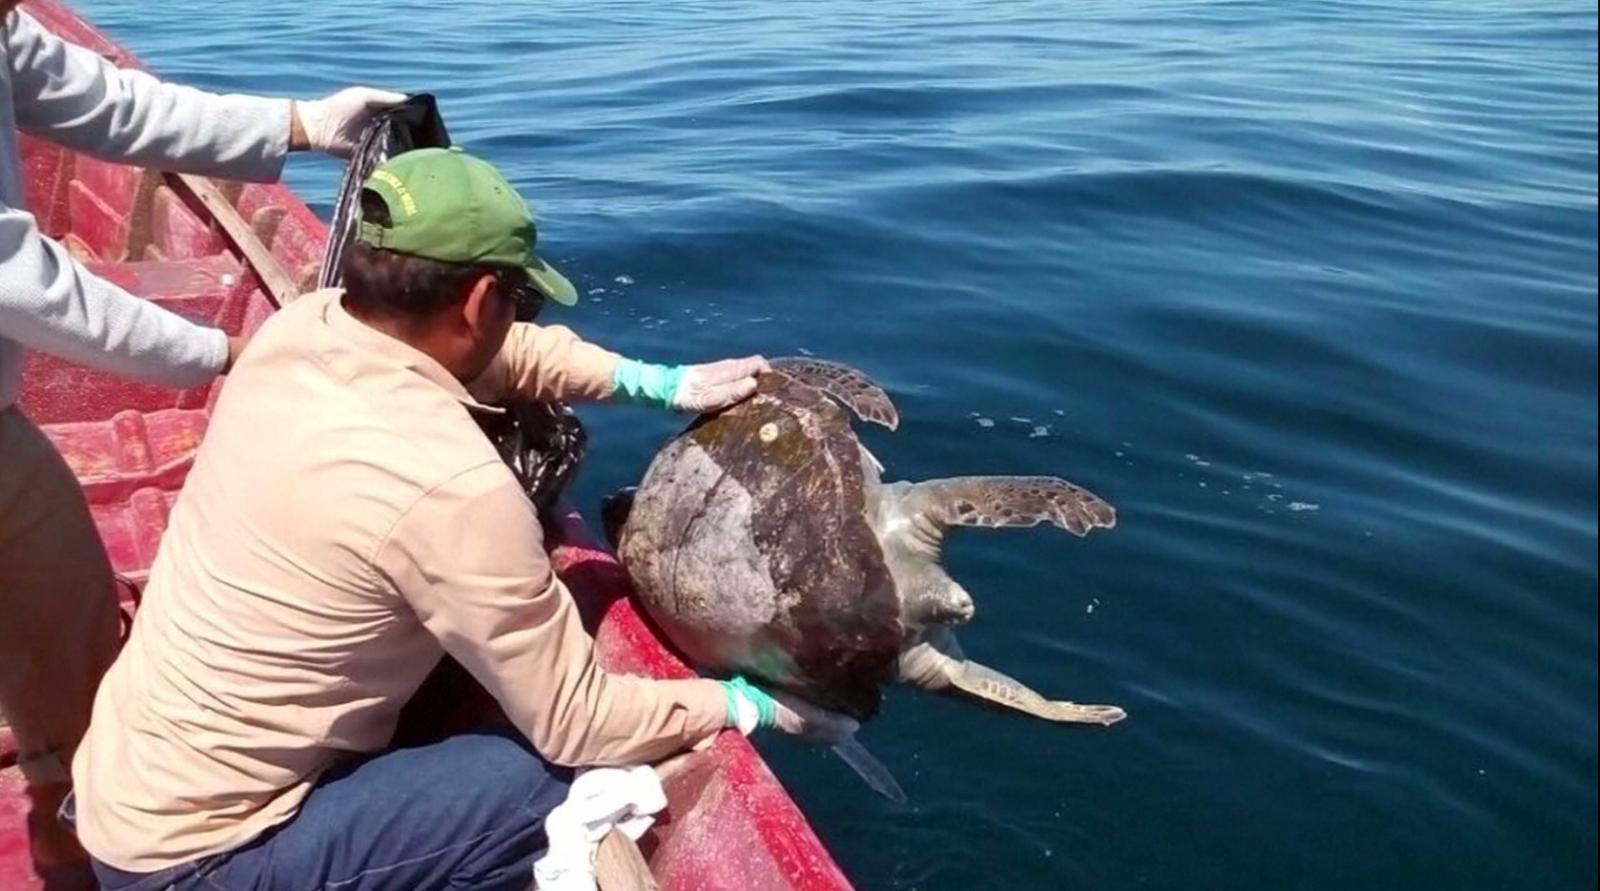 เอลซัลวาดอร์เร่งหาสาเหตุเต่าทะเลตายเกือบ 400 ตัว